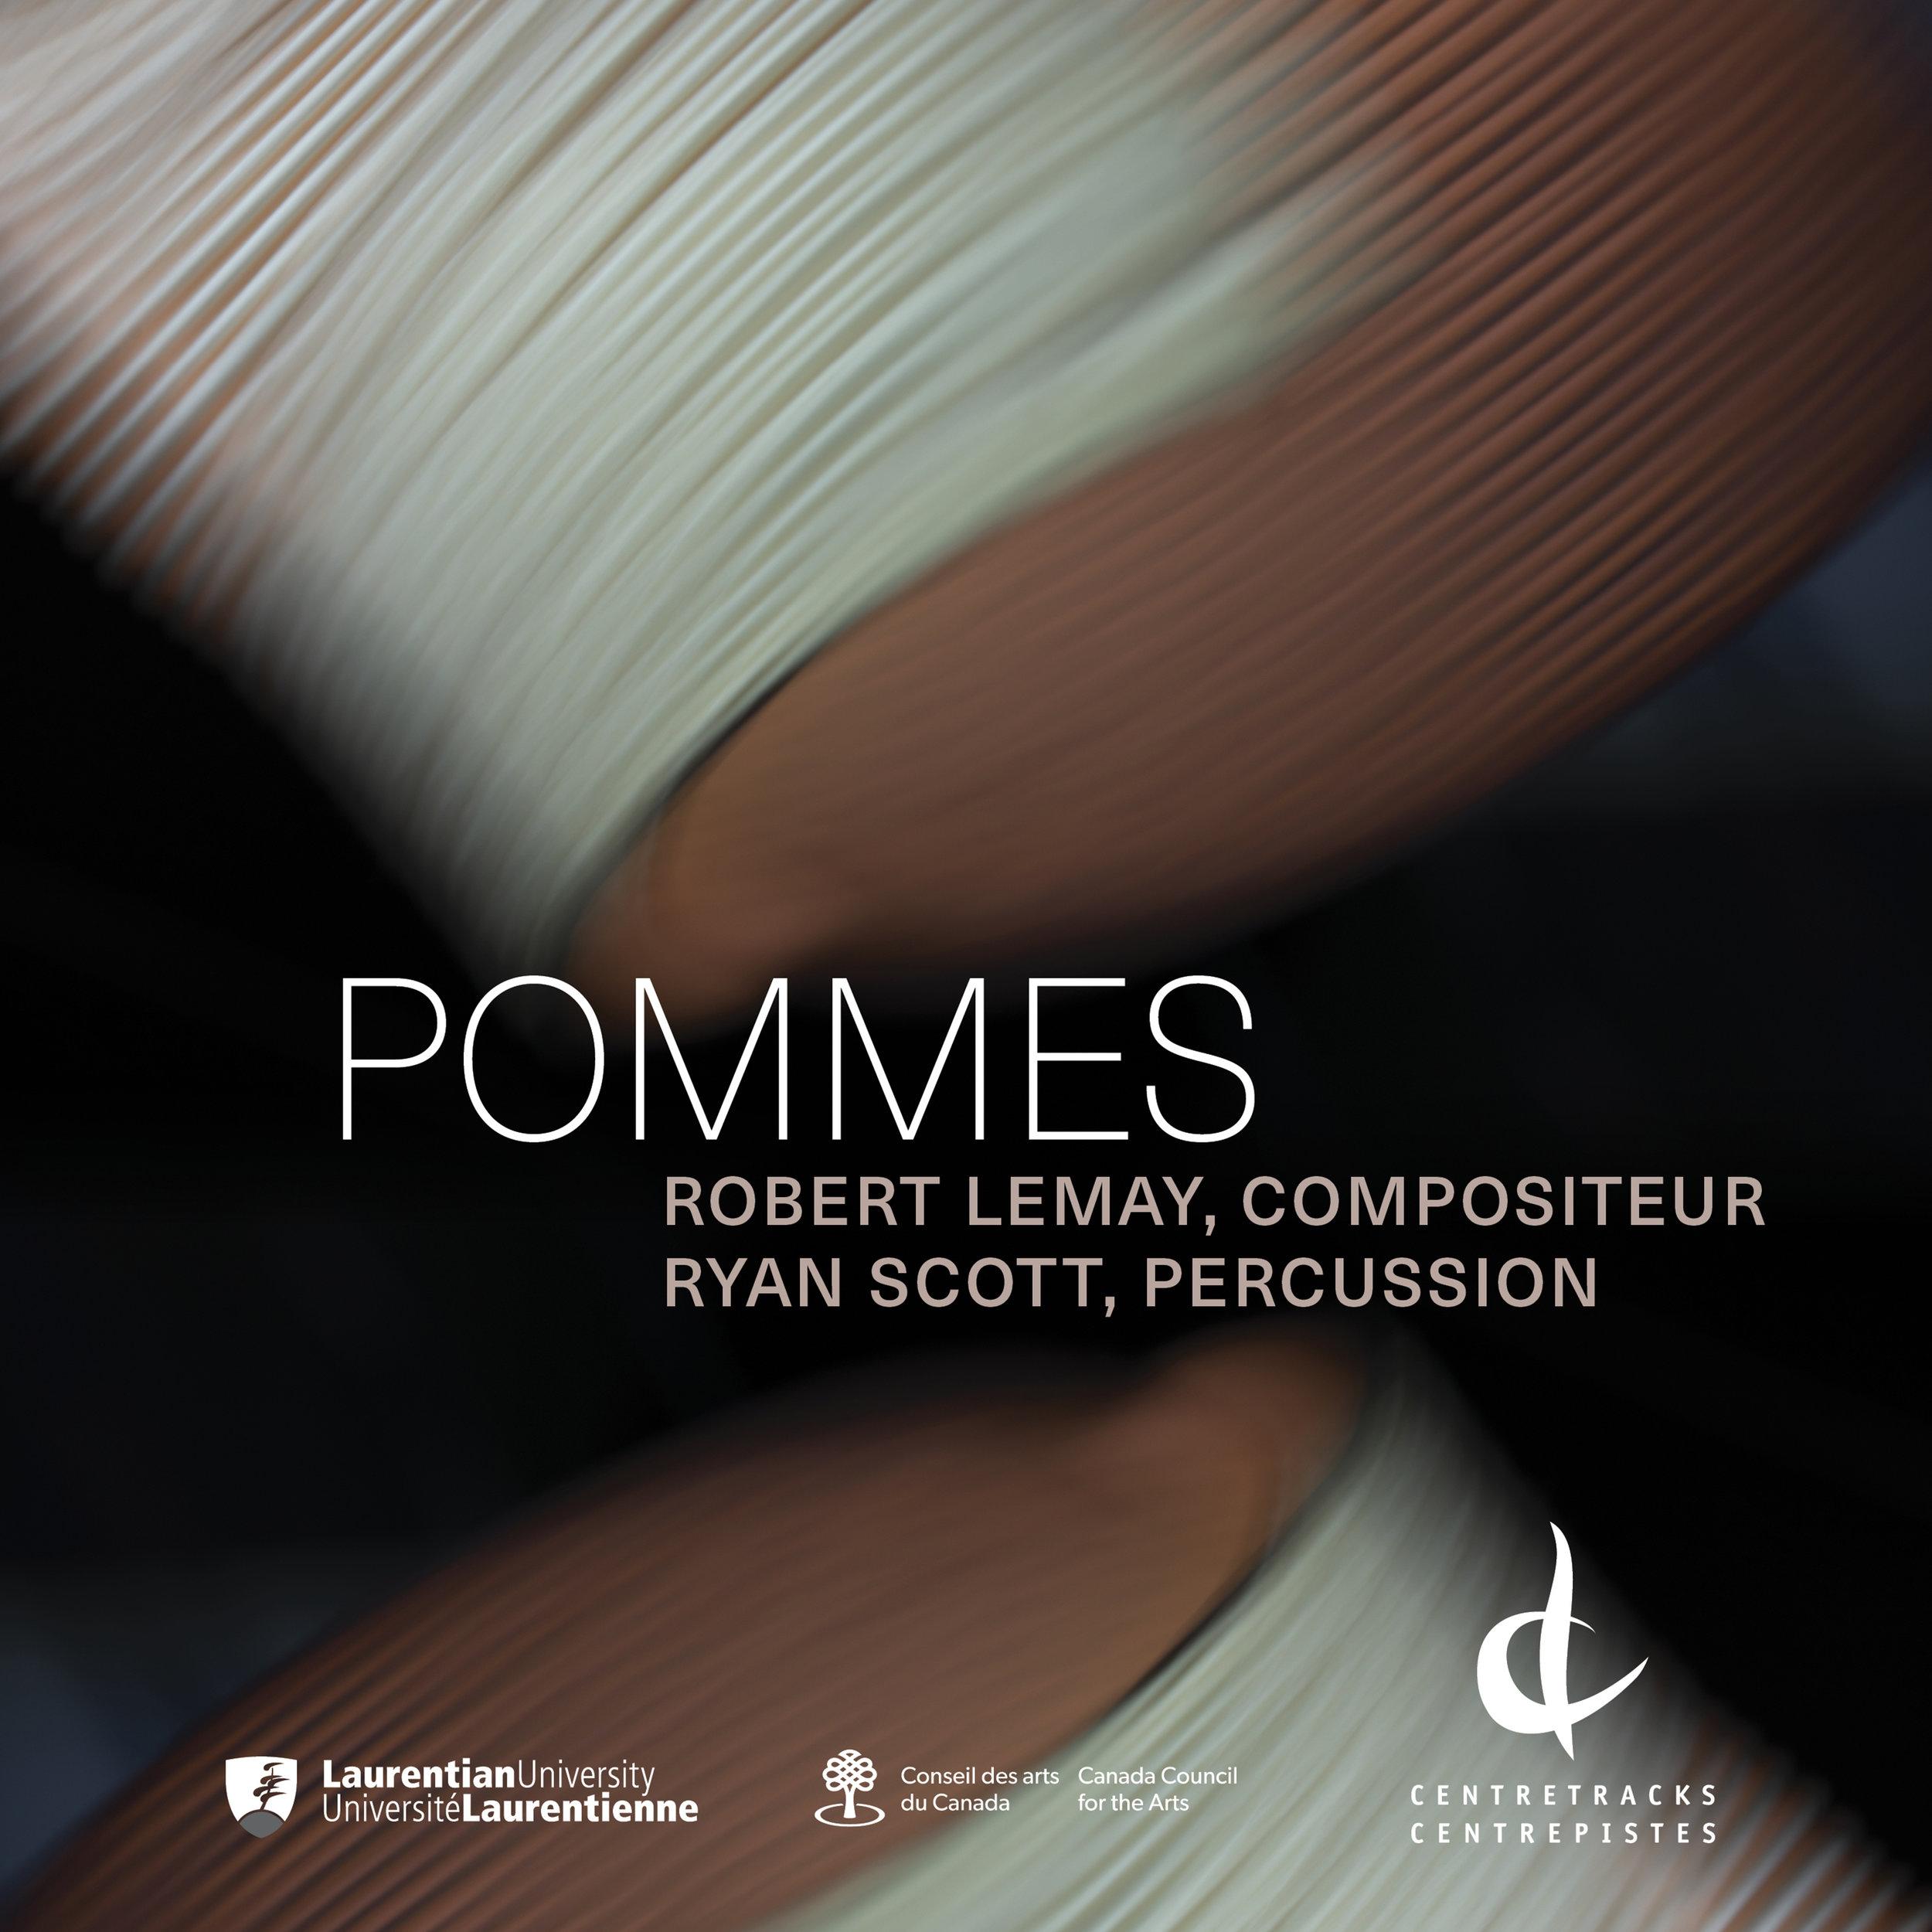 Lemay_Pommes_SELECTED_LG.jpg